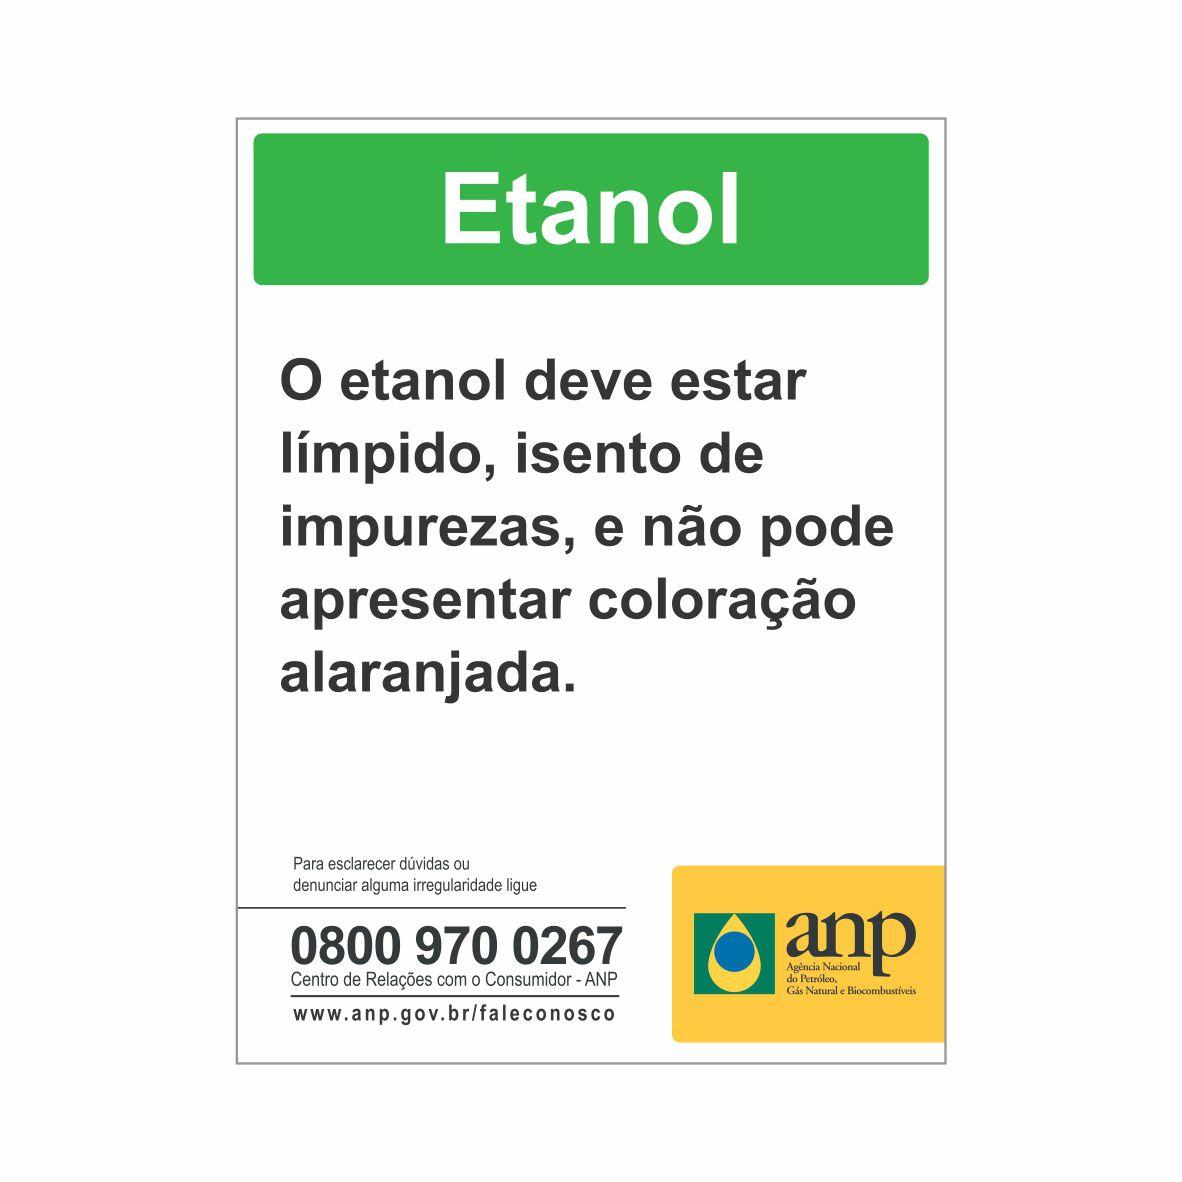 ANP - BOMBA DE ETANOL  - Towbar Sinalização de Segurança